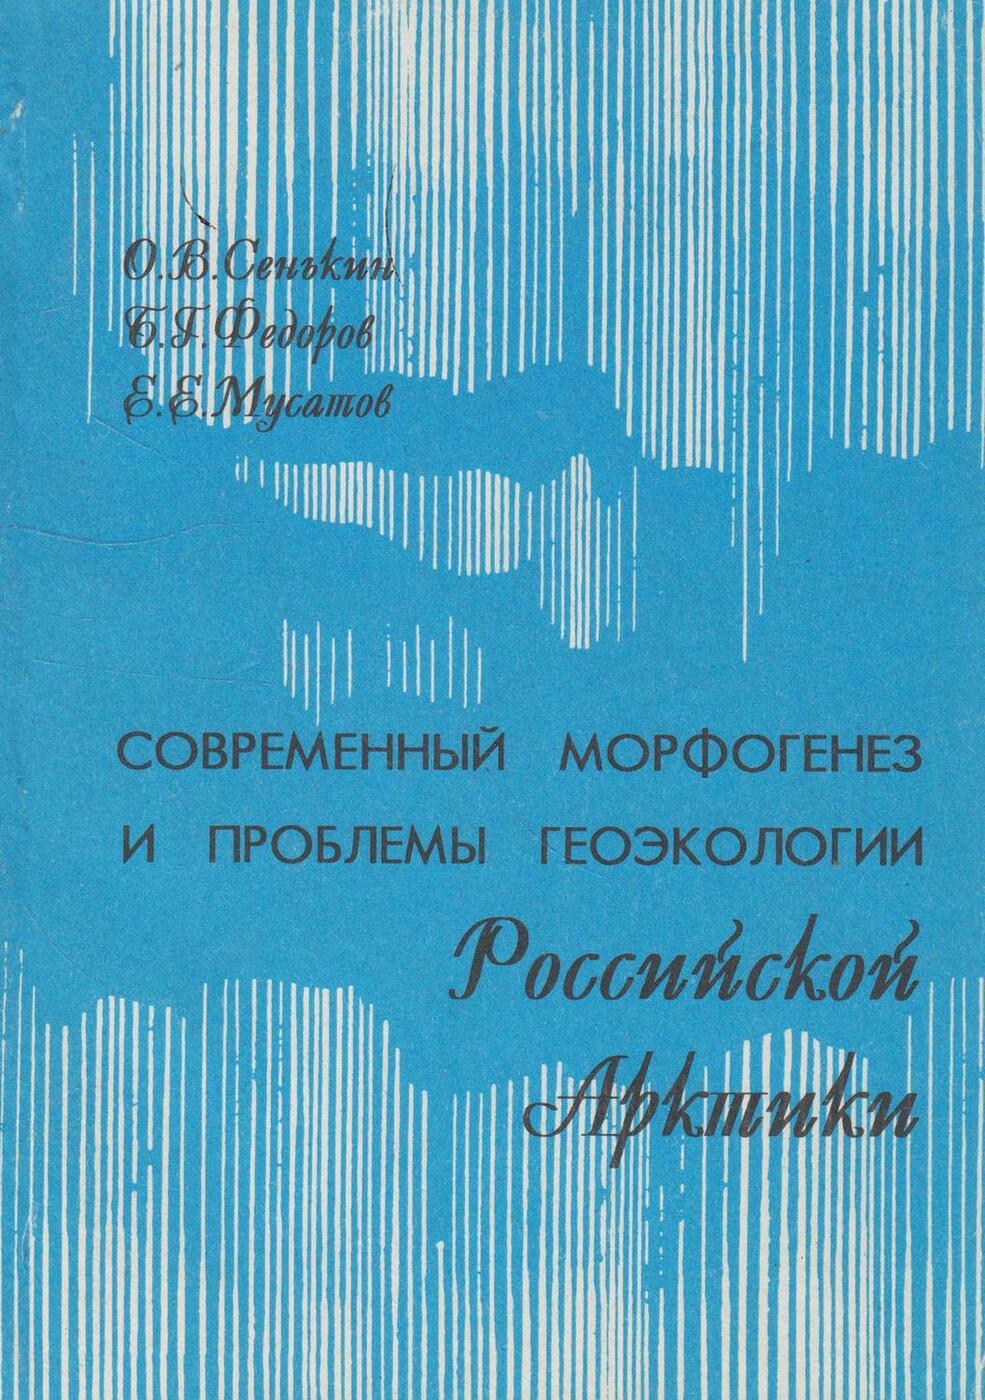 Сенькин О.В.. Современный морфогенез и проблемы геоэкологии Российской Арктики